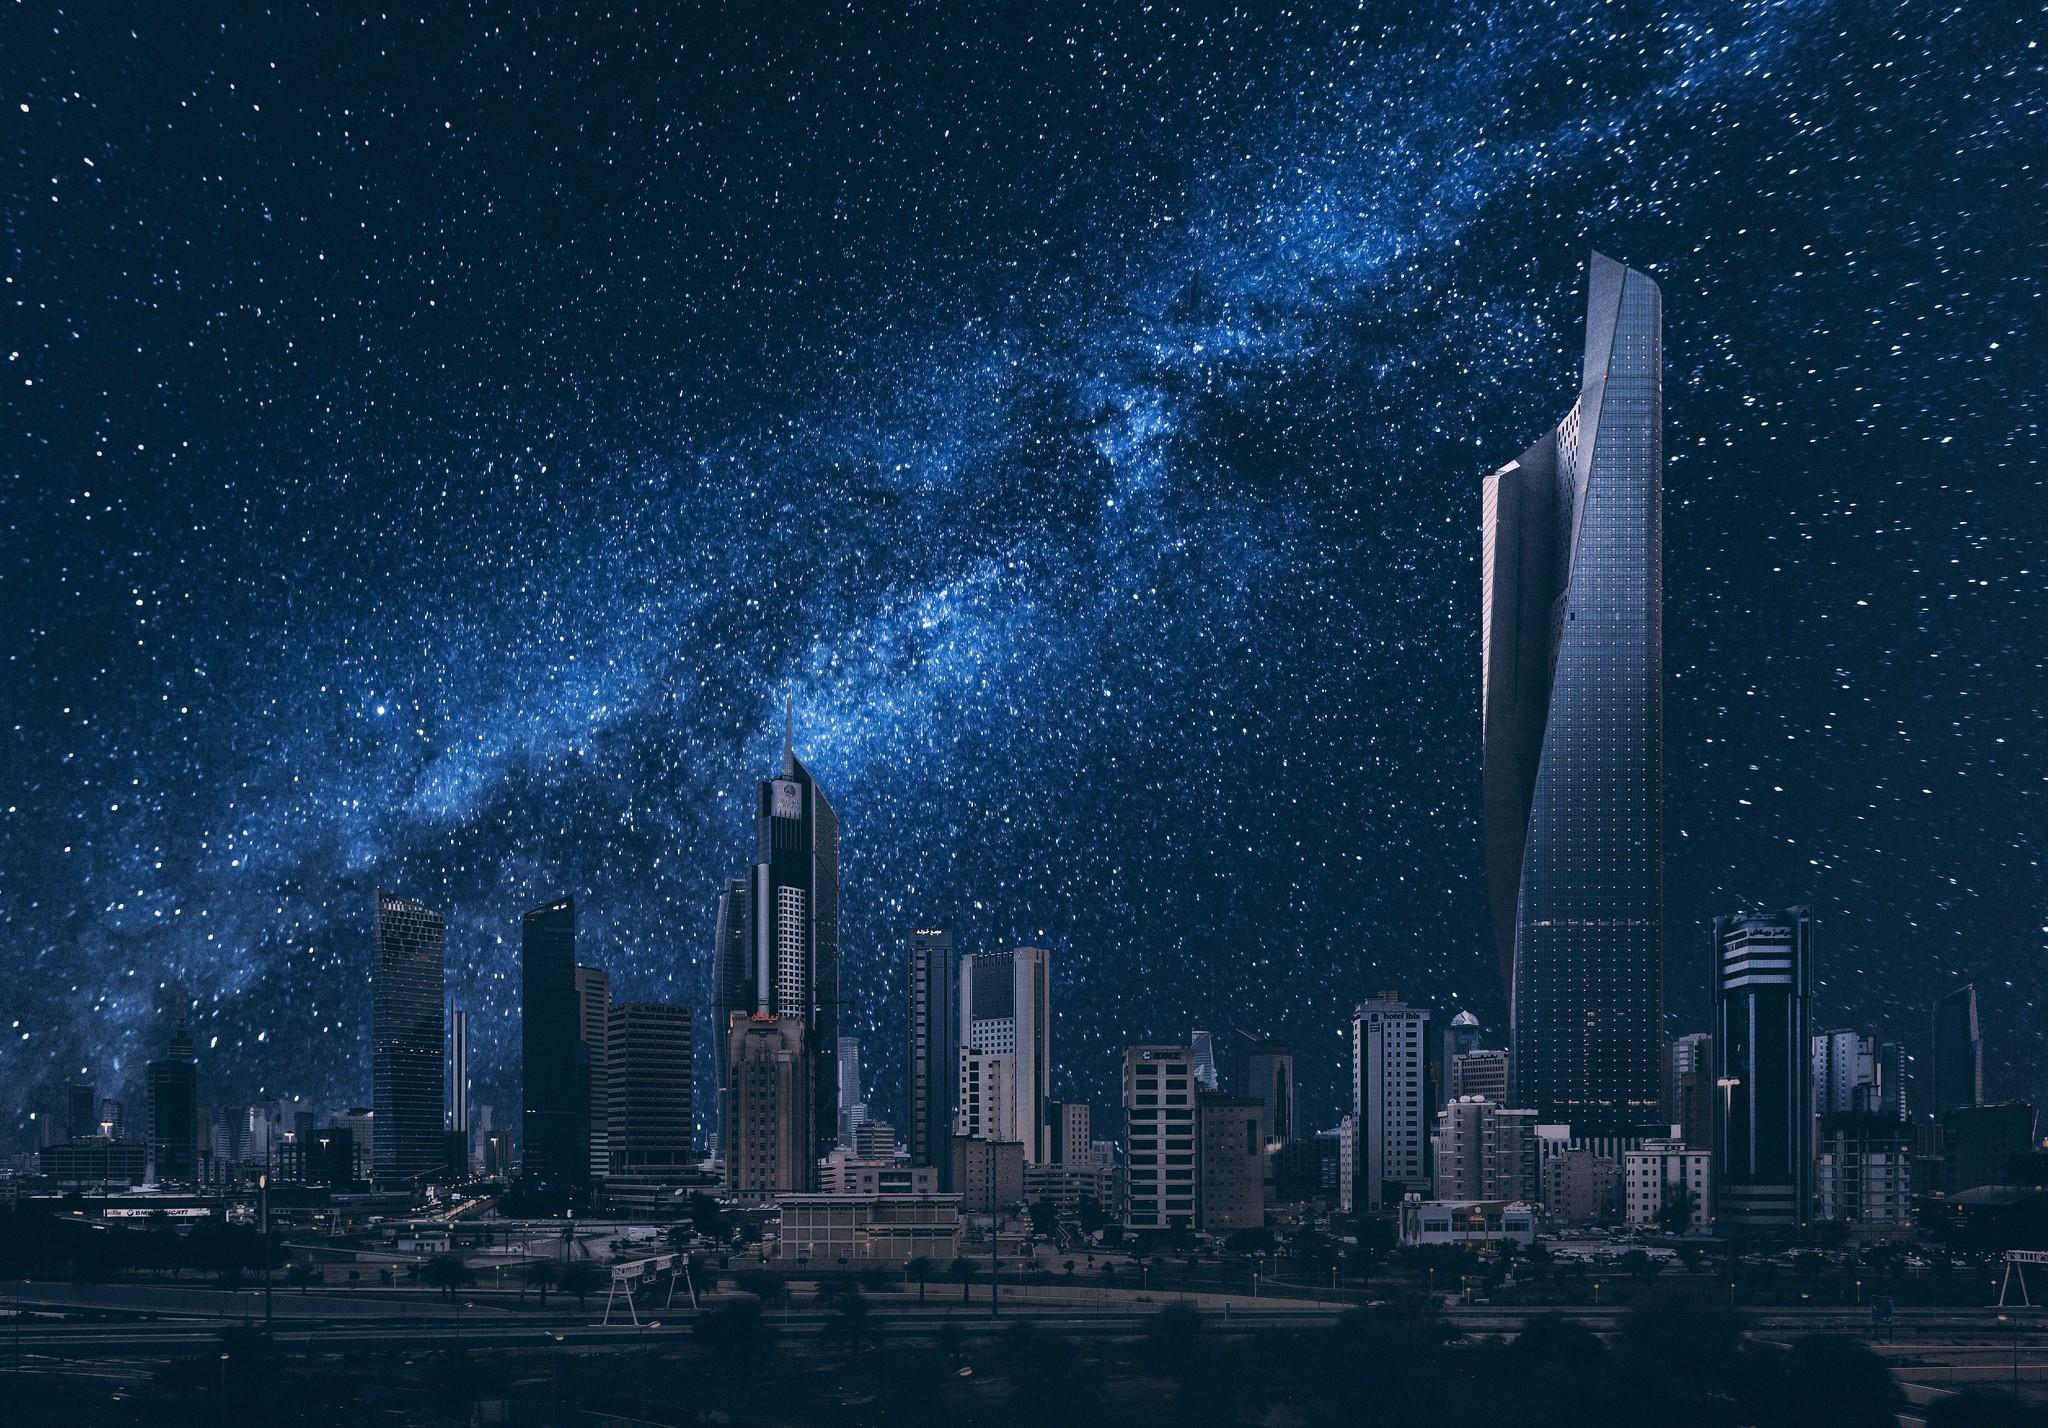 Kuwait City HD Wallpaper Background Image 2048x1428 ID 2048x1428